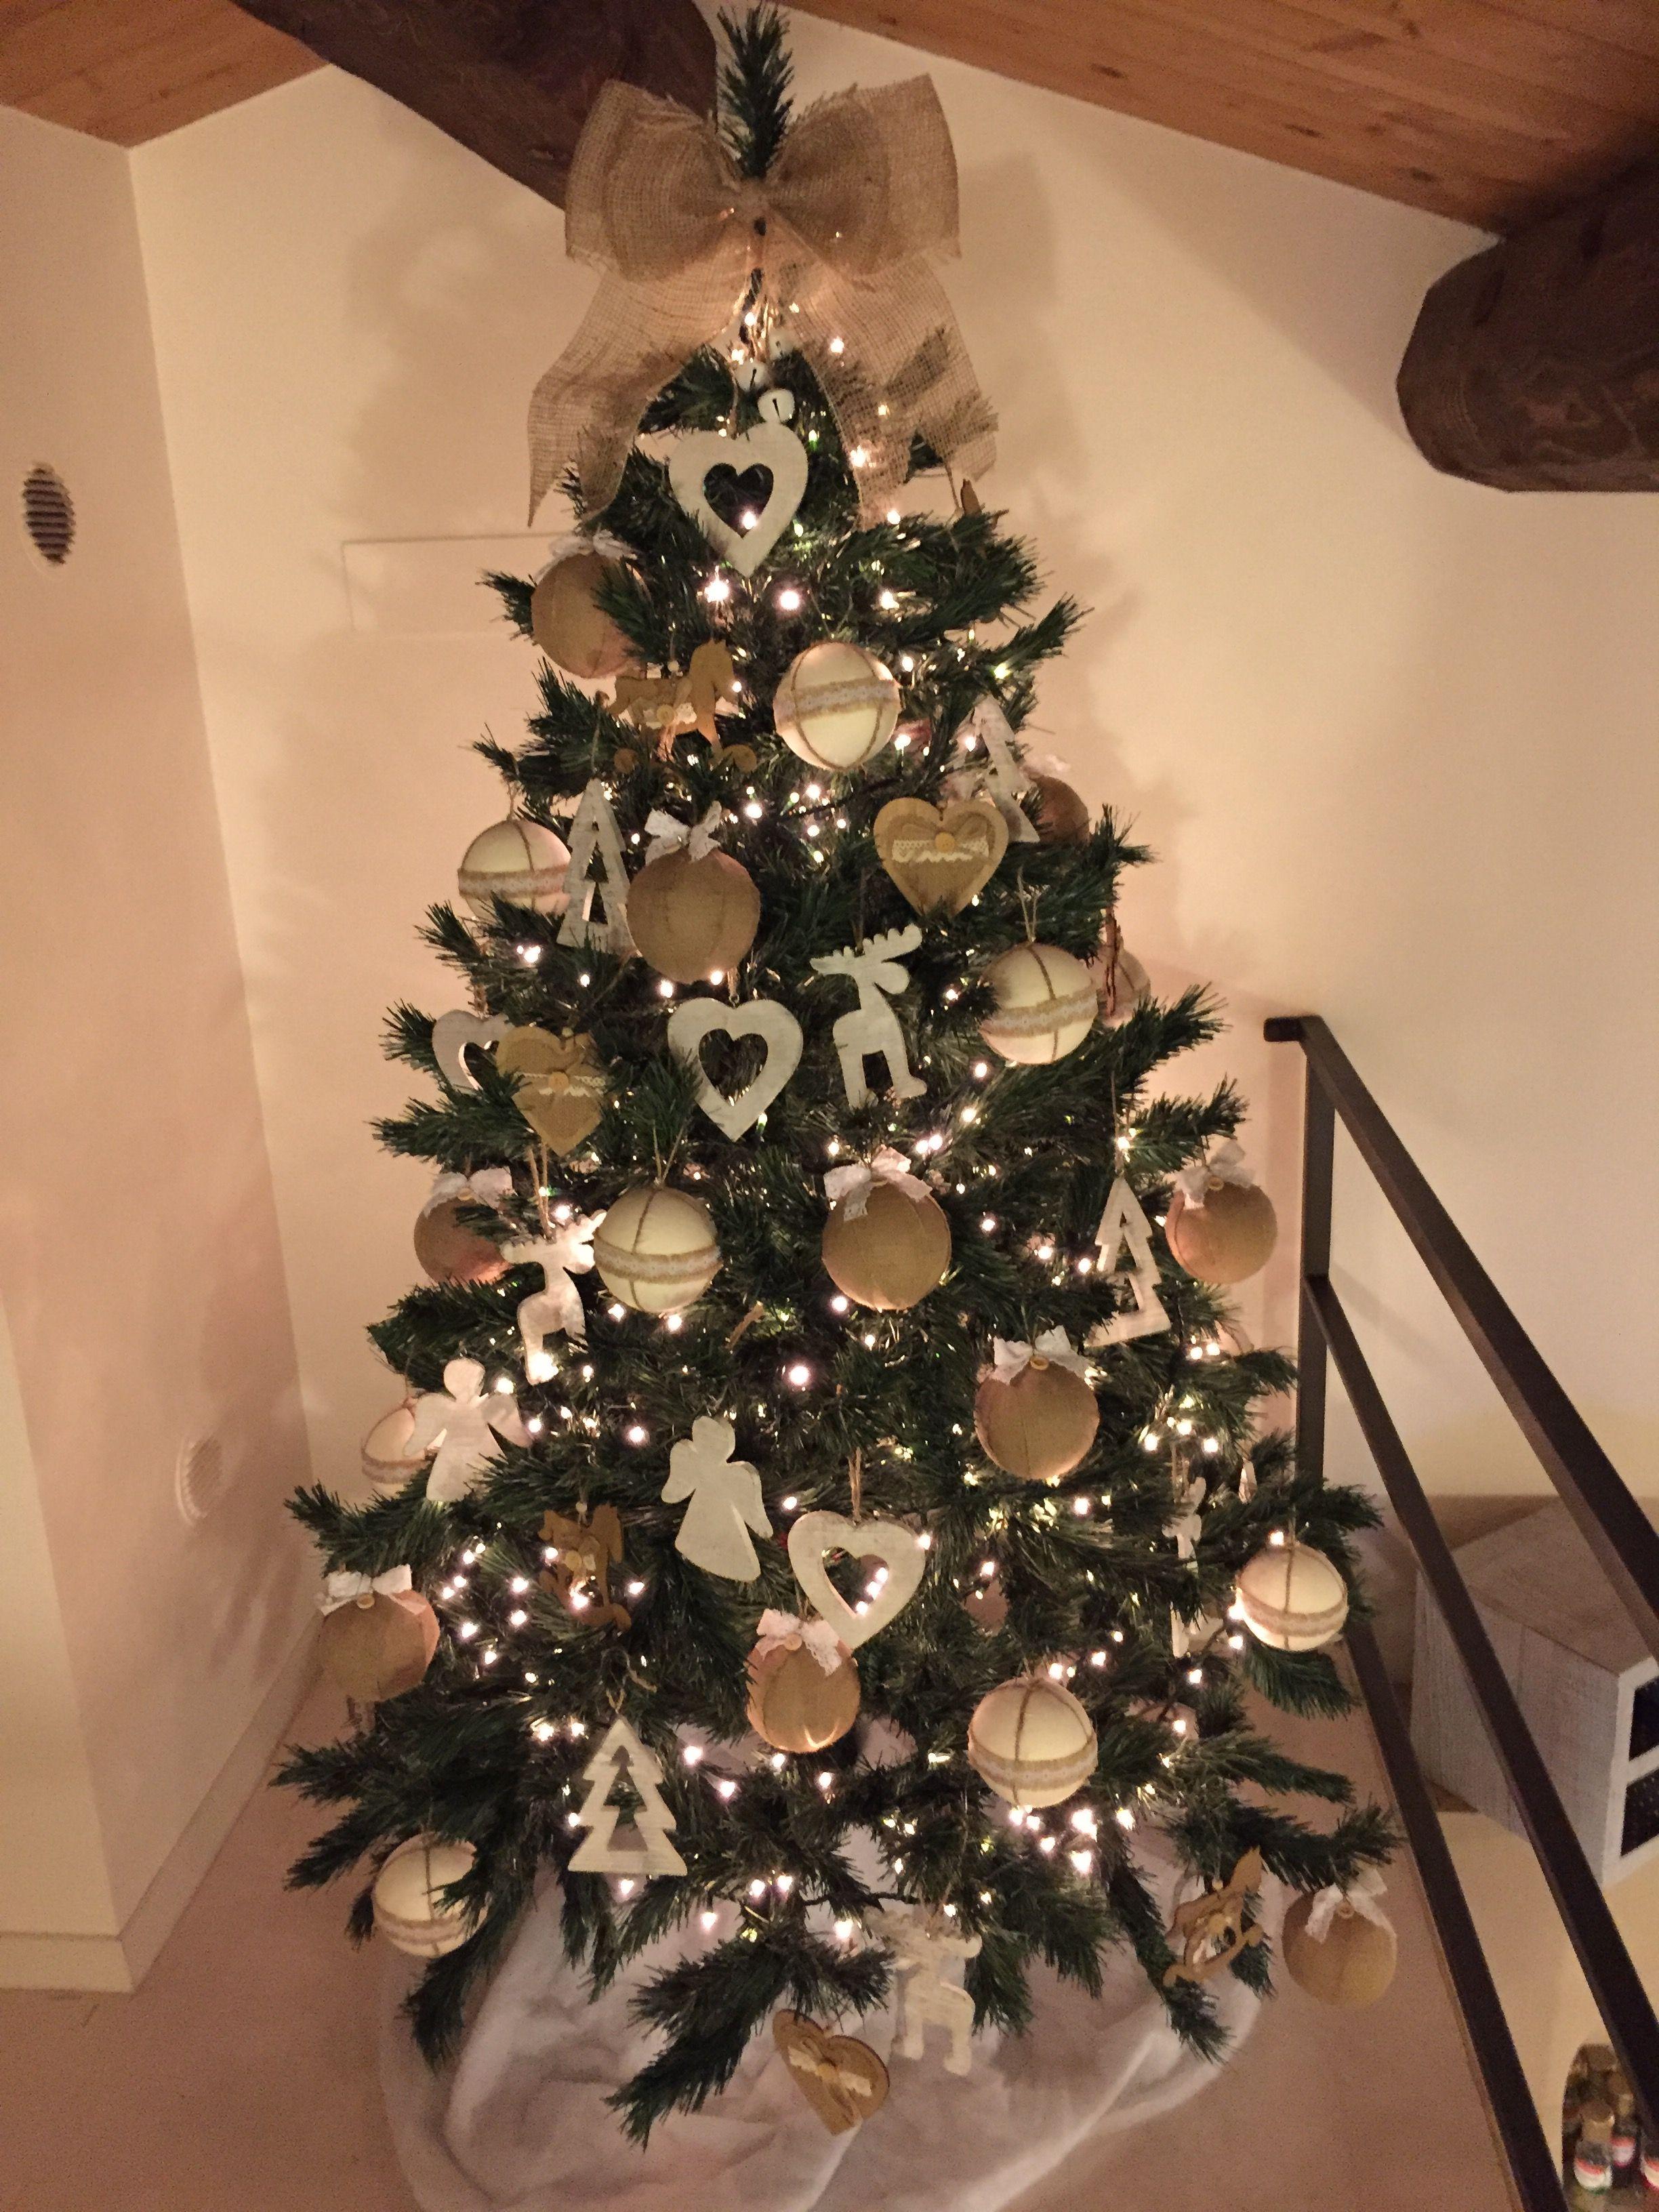 Addobbi Natalizi Juta.Albero Di Natale Addobbi Fai Da Te Con Legno E Juta Alberi Di Natale Natale Addobbo